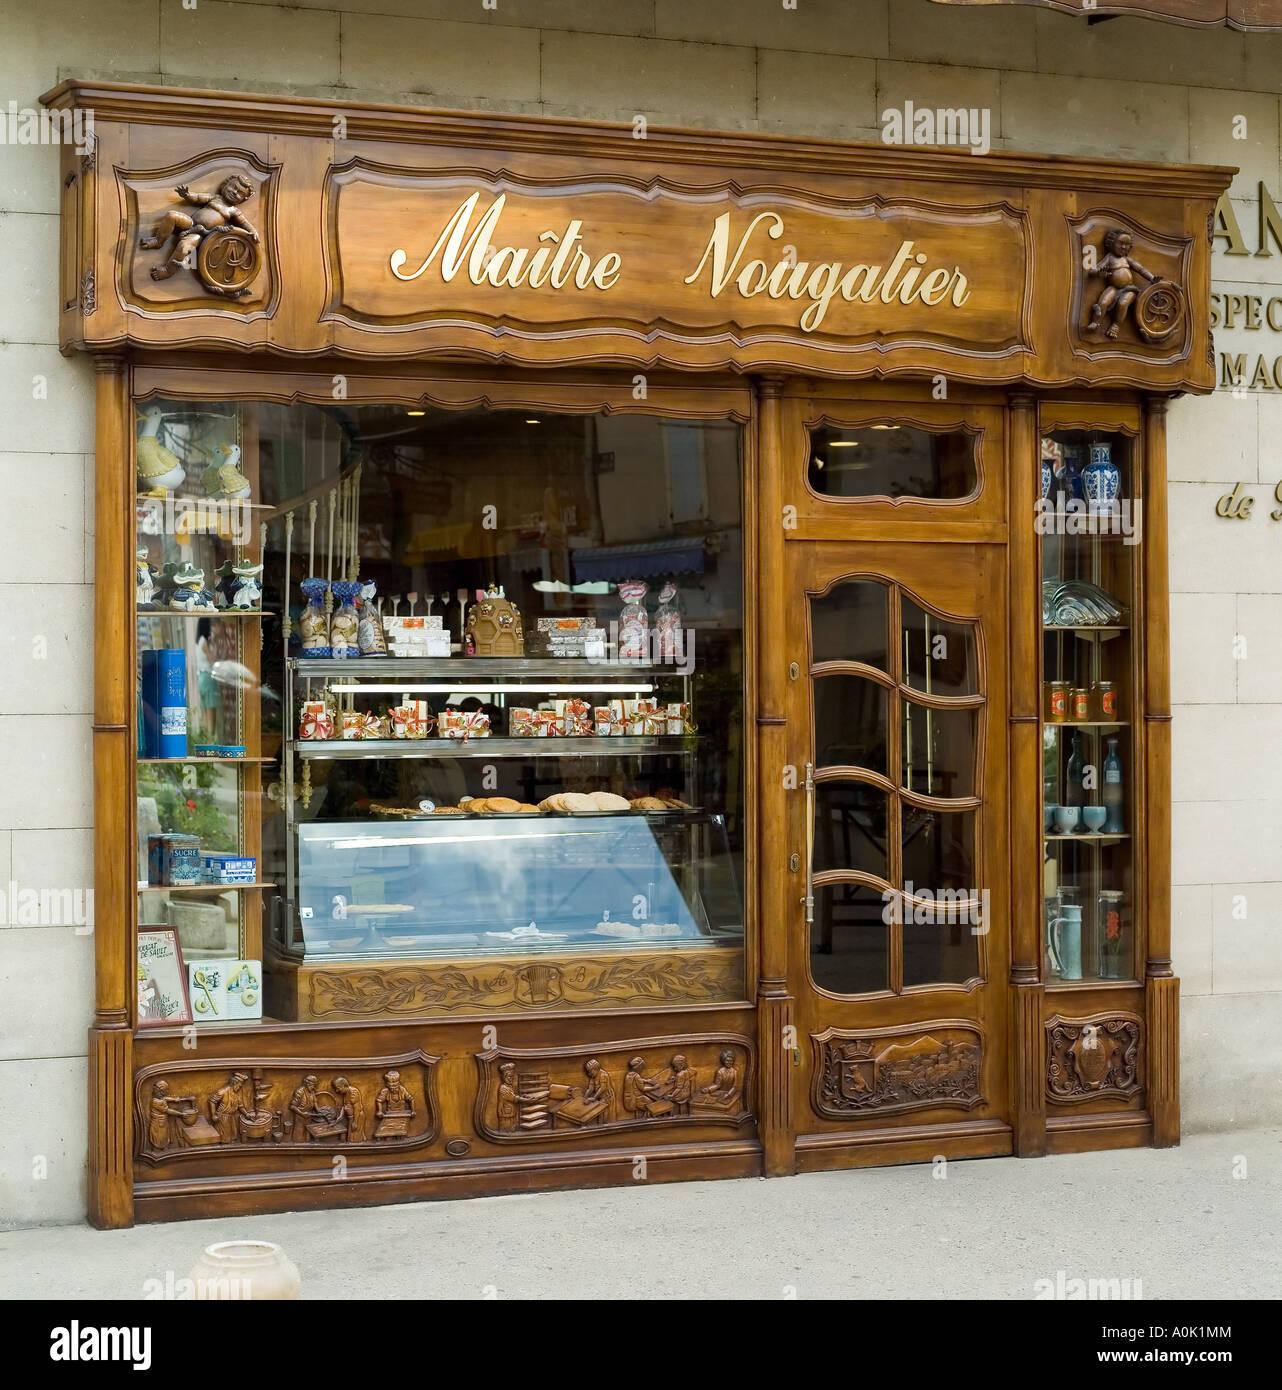 9177bb7accee5a André Boyer Maître Nougatier, maître chocolatier, nougat/shop, Store Front,  Sault